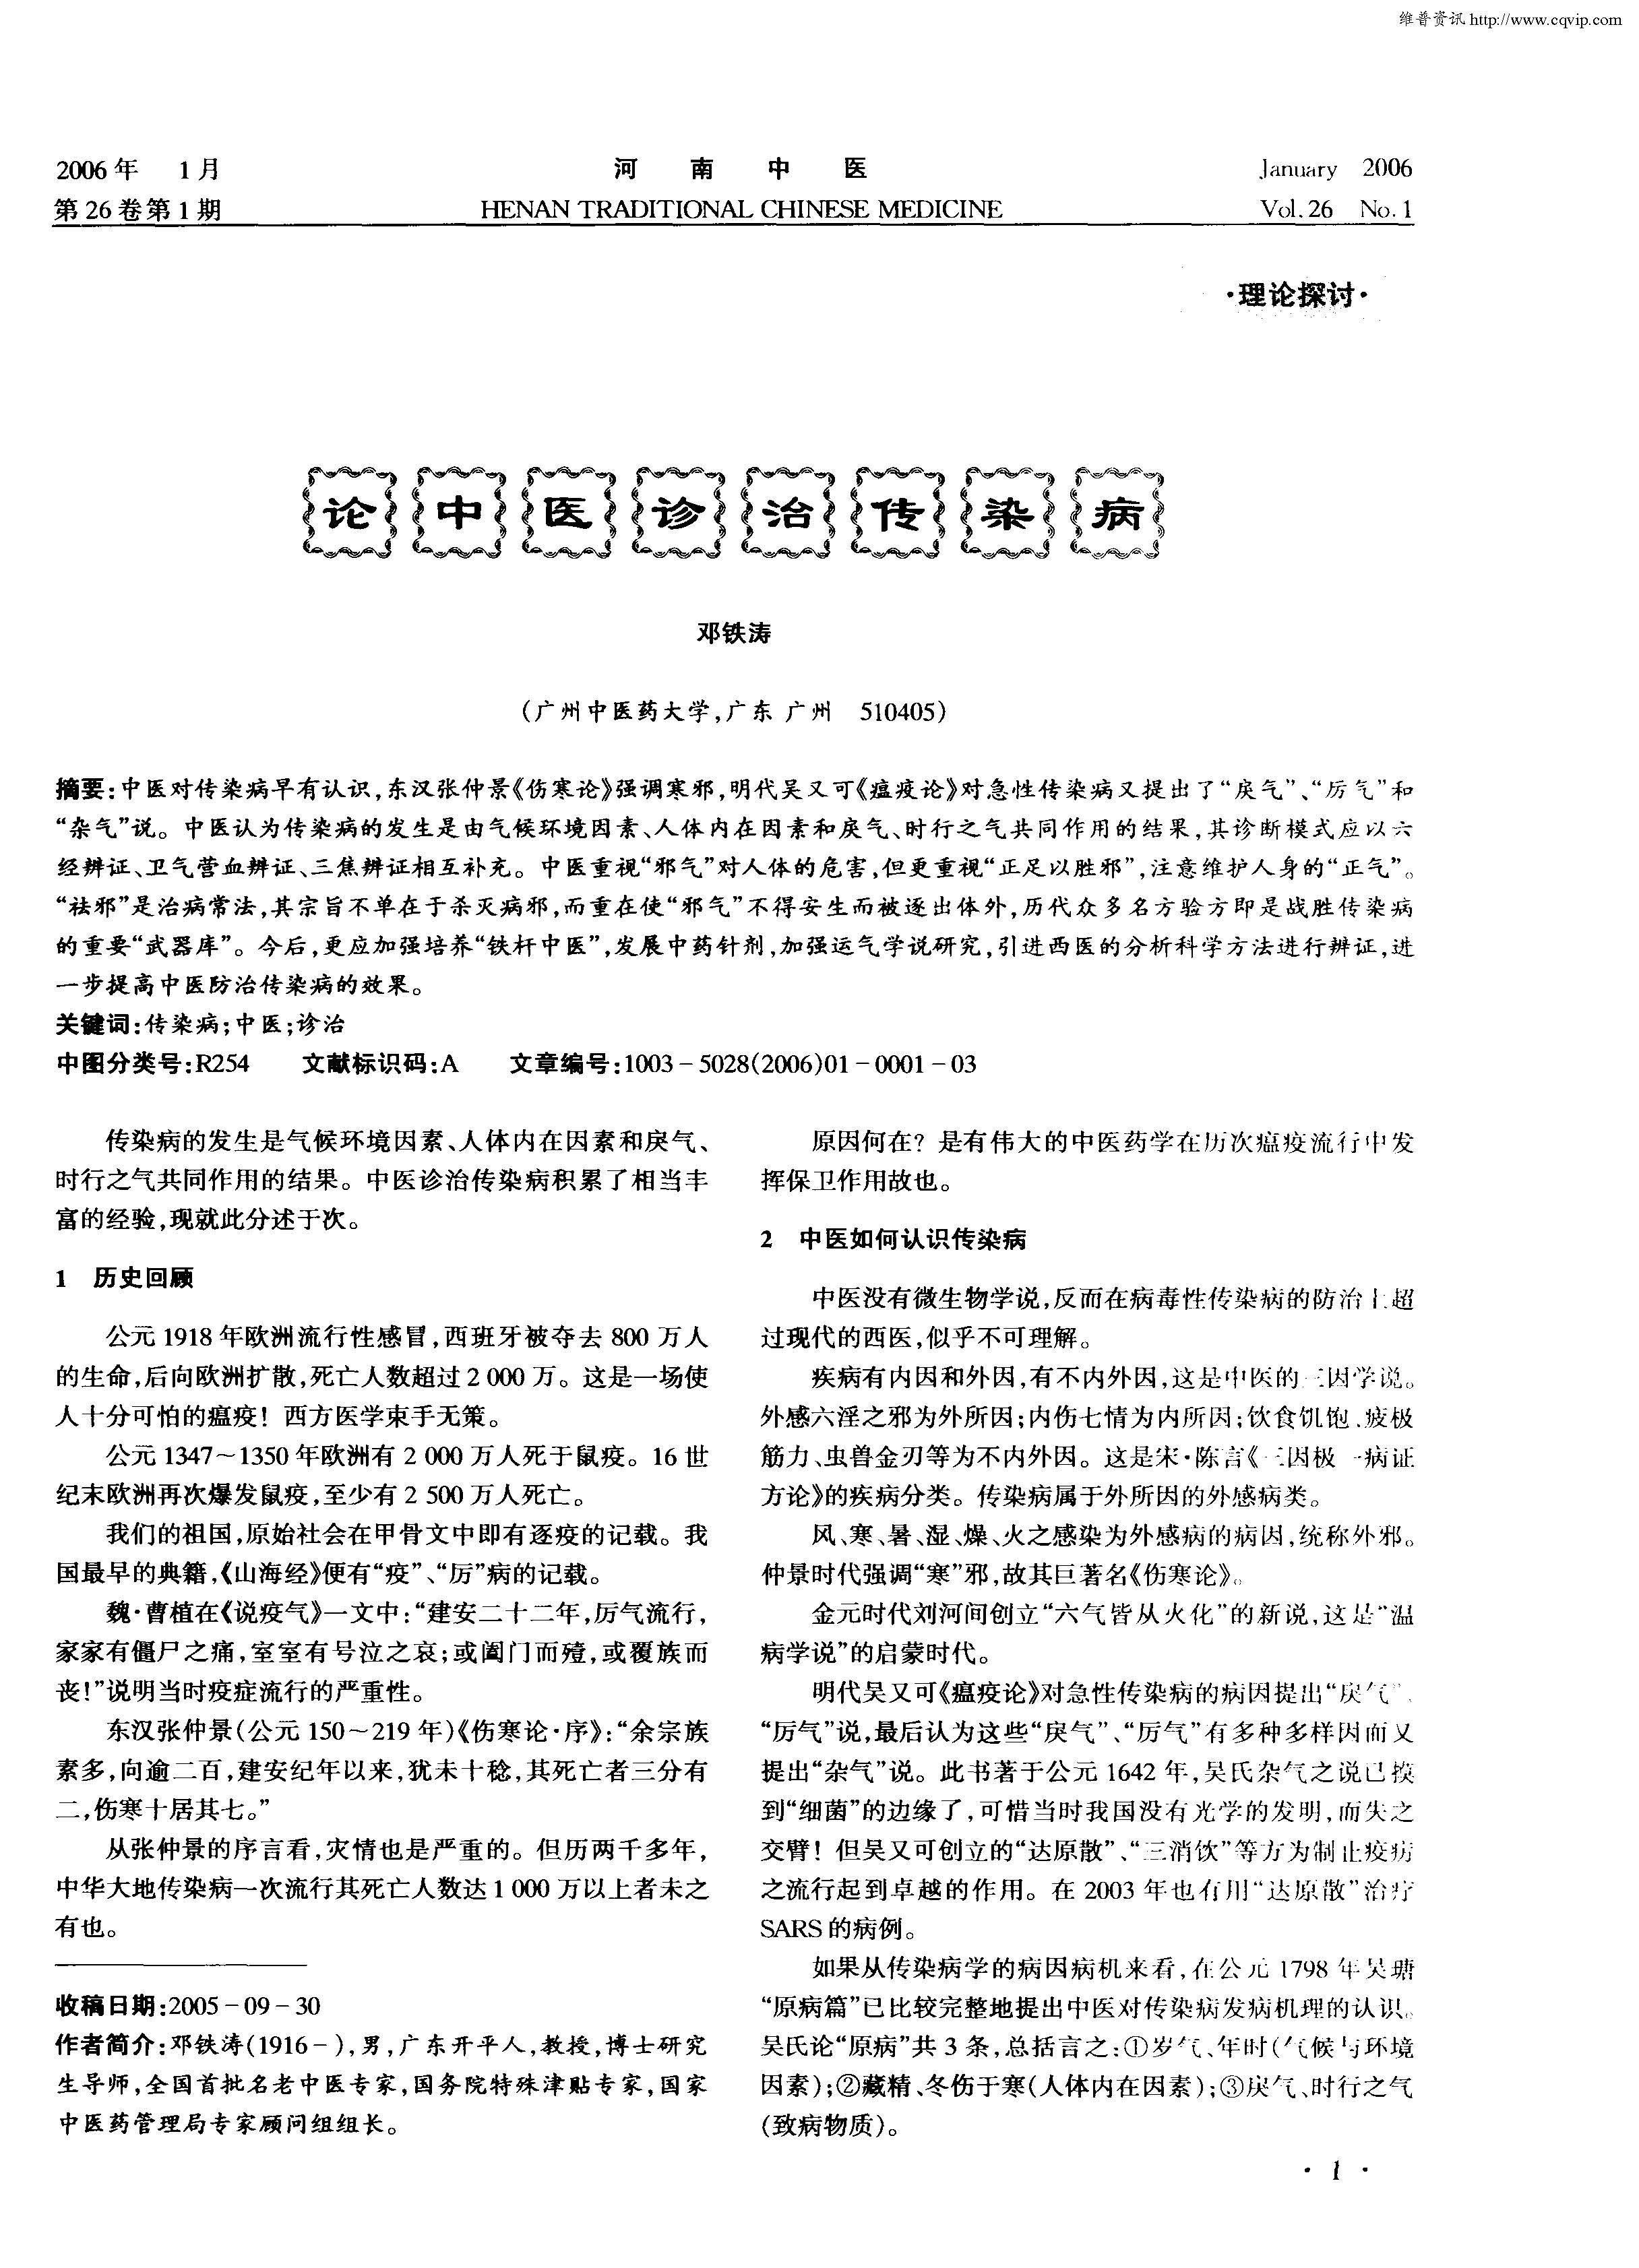 邓铁涛 论中医诊治传染病_Page_1.jpg